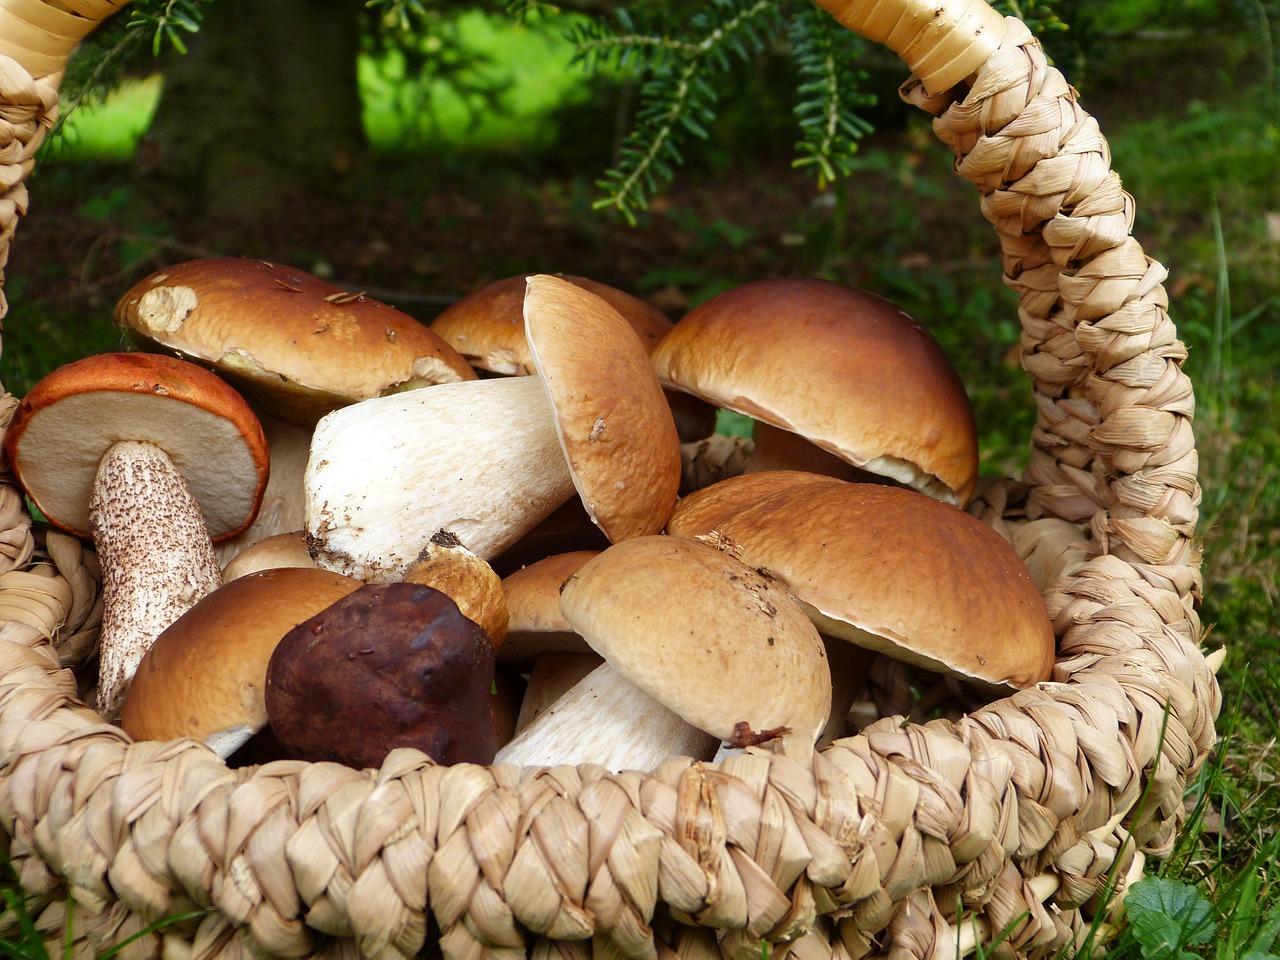 Календарь грибника на сентябрь - какие грибы собирают в сентябре